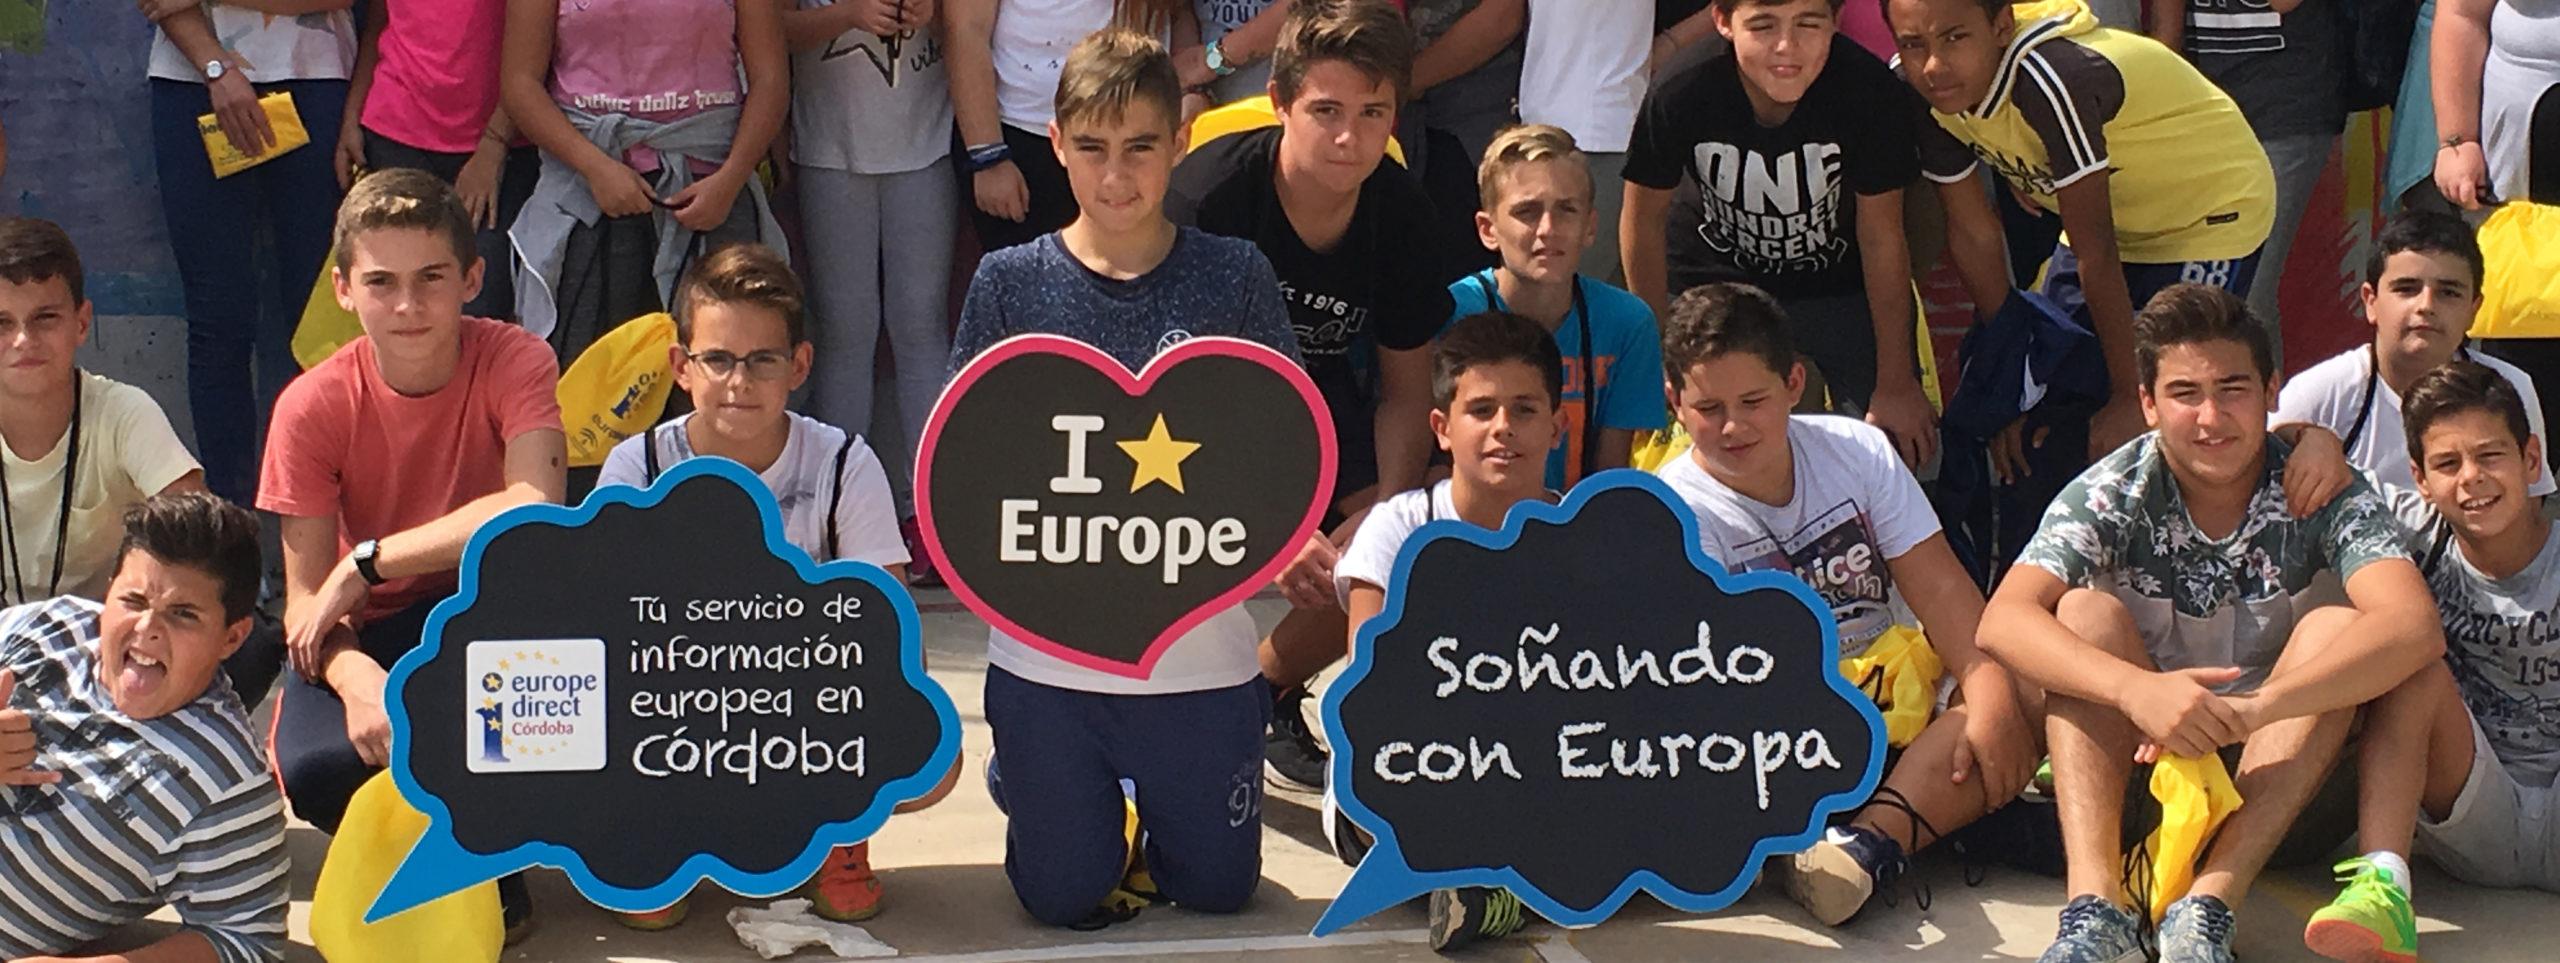 Gymkana Europea en Villaviciosa. 28 septiembre 2017.